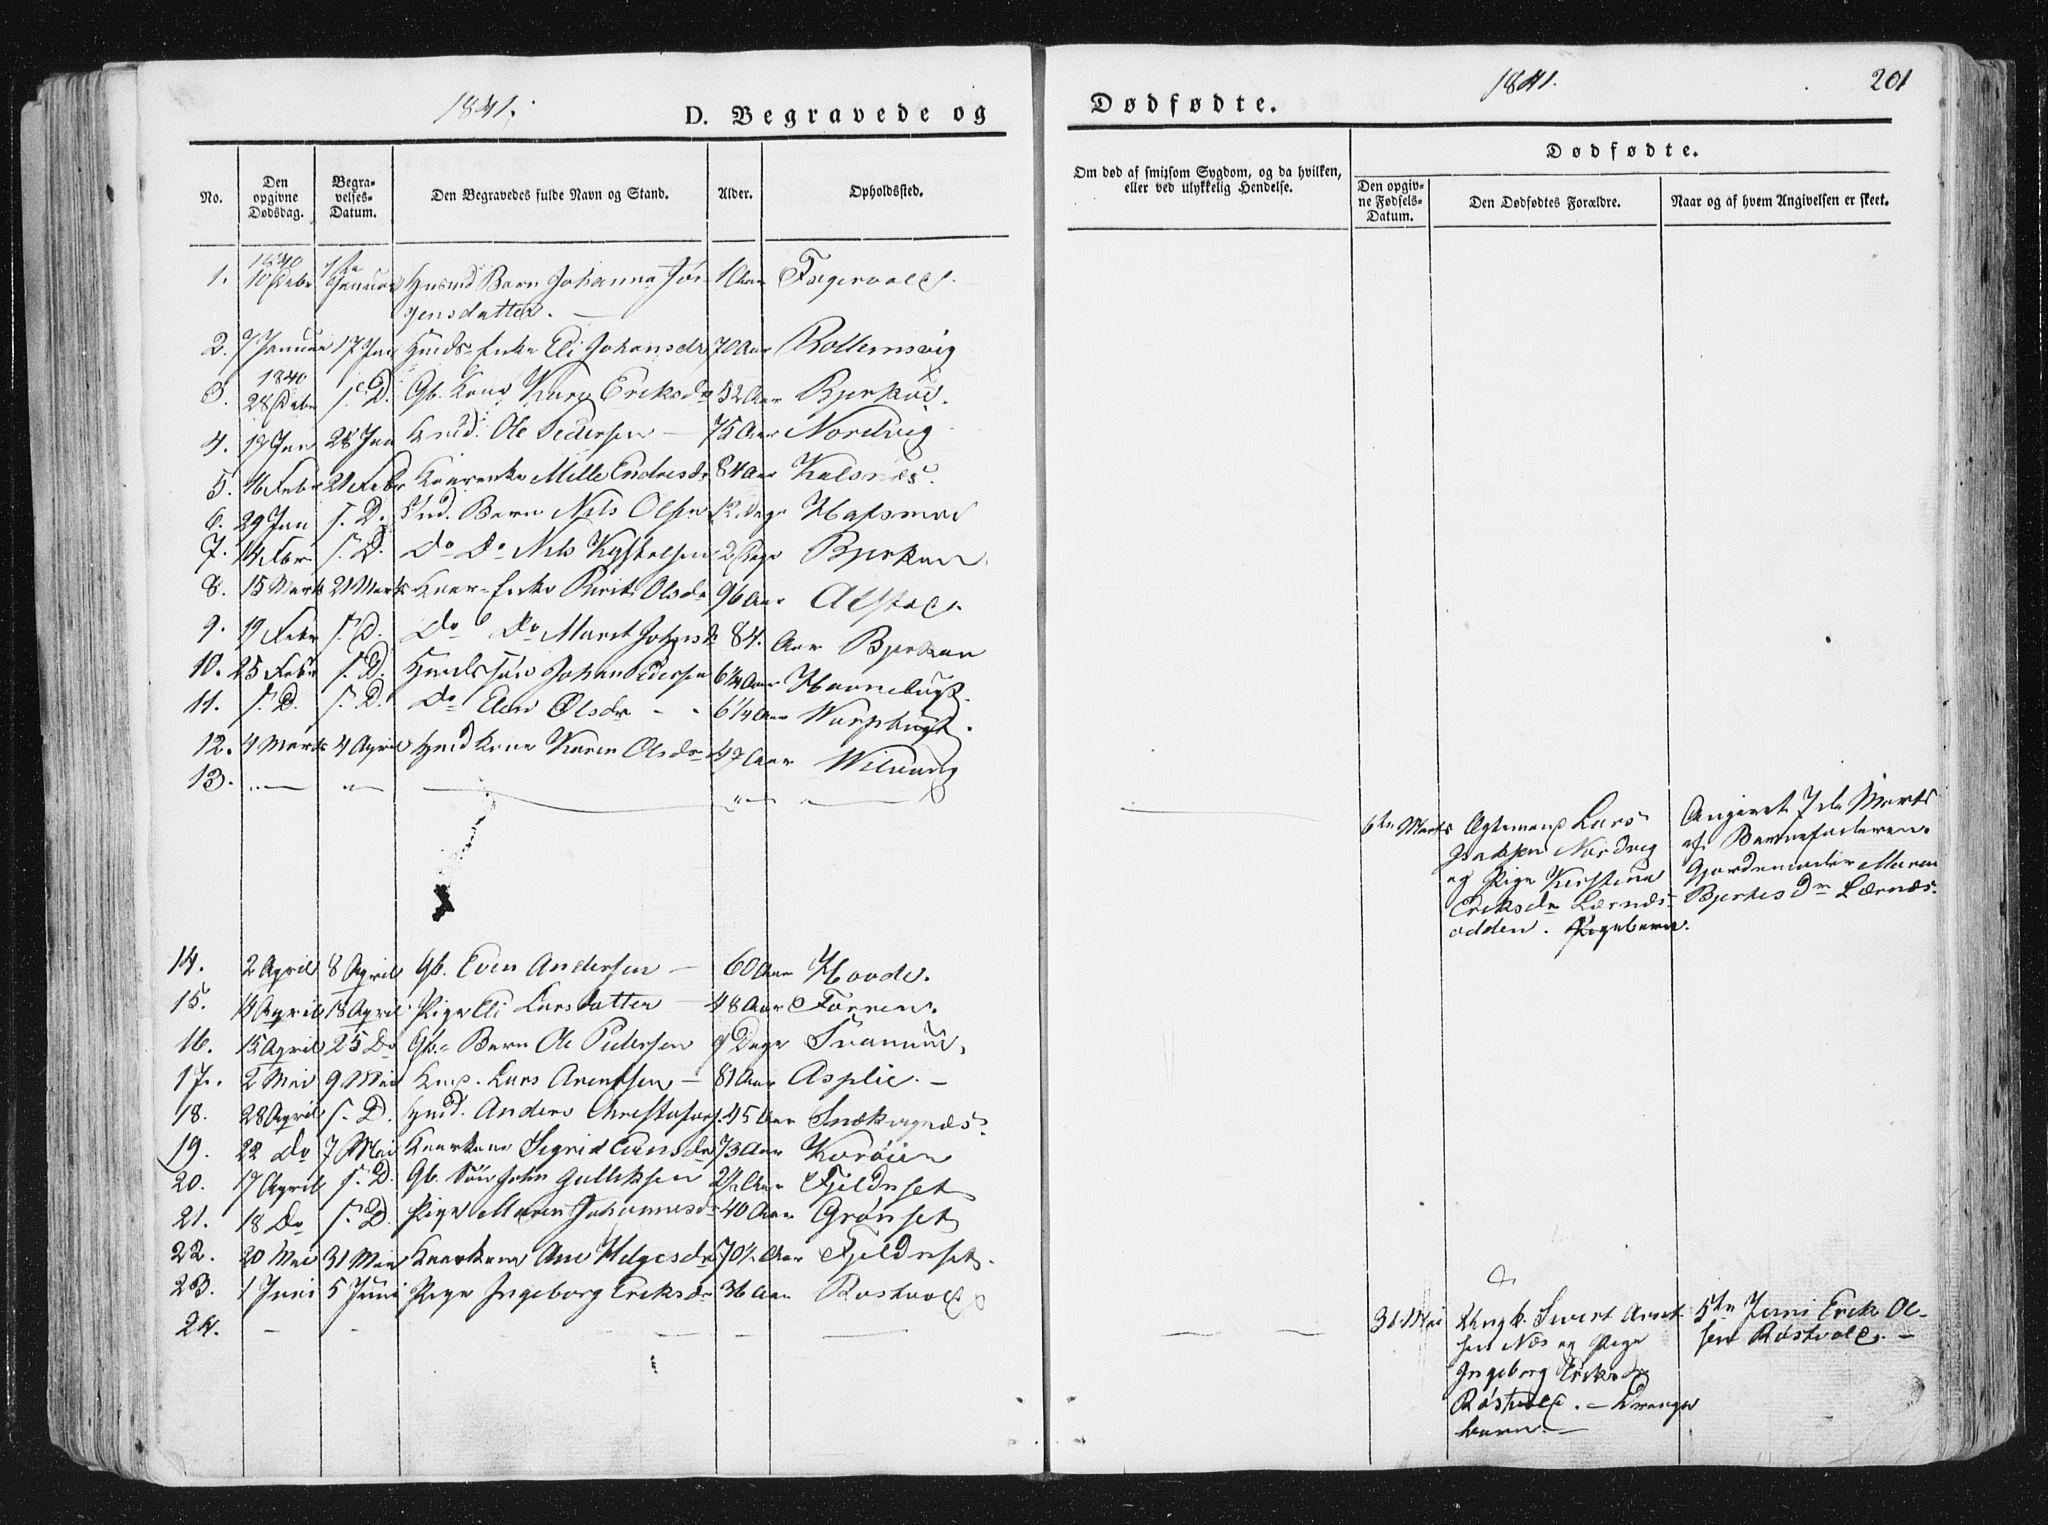 SAT, Ministerialprotokoller, klokkerbøker og fødselsregistre - Sør-Trøndelag, 630/L0493: Ministerialbok nr. 630A06, 1841-1851, s. 201